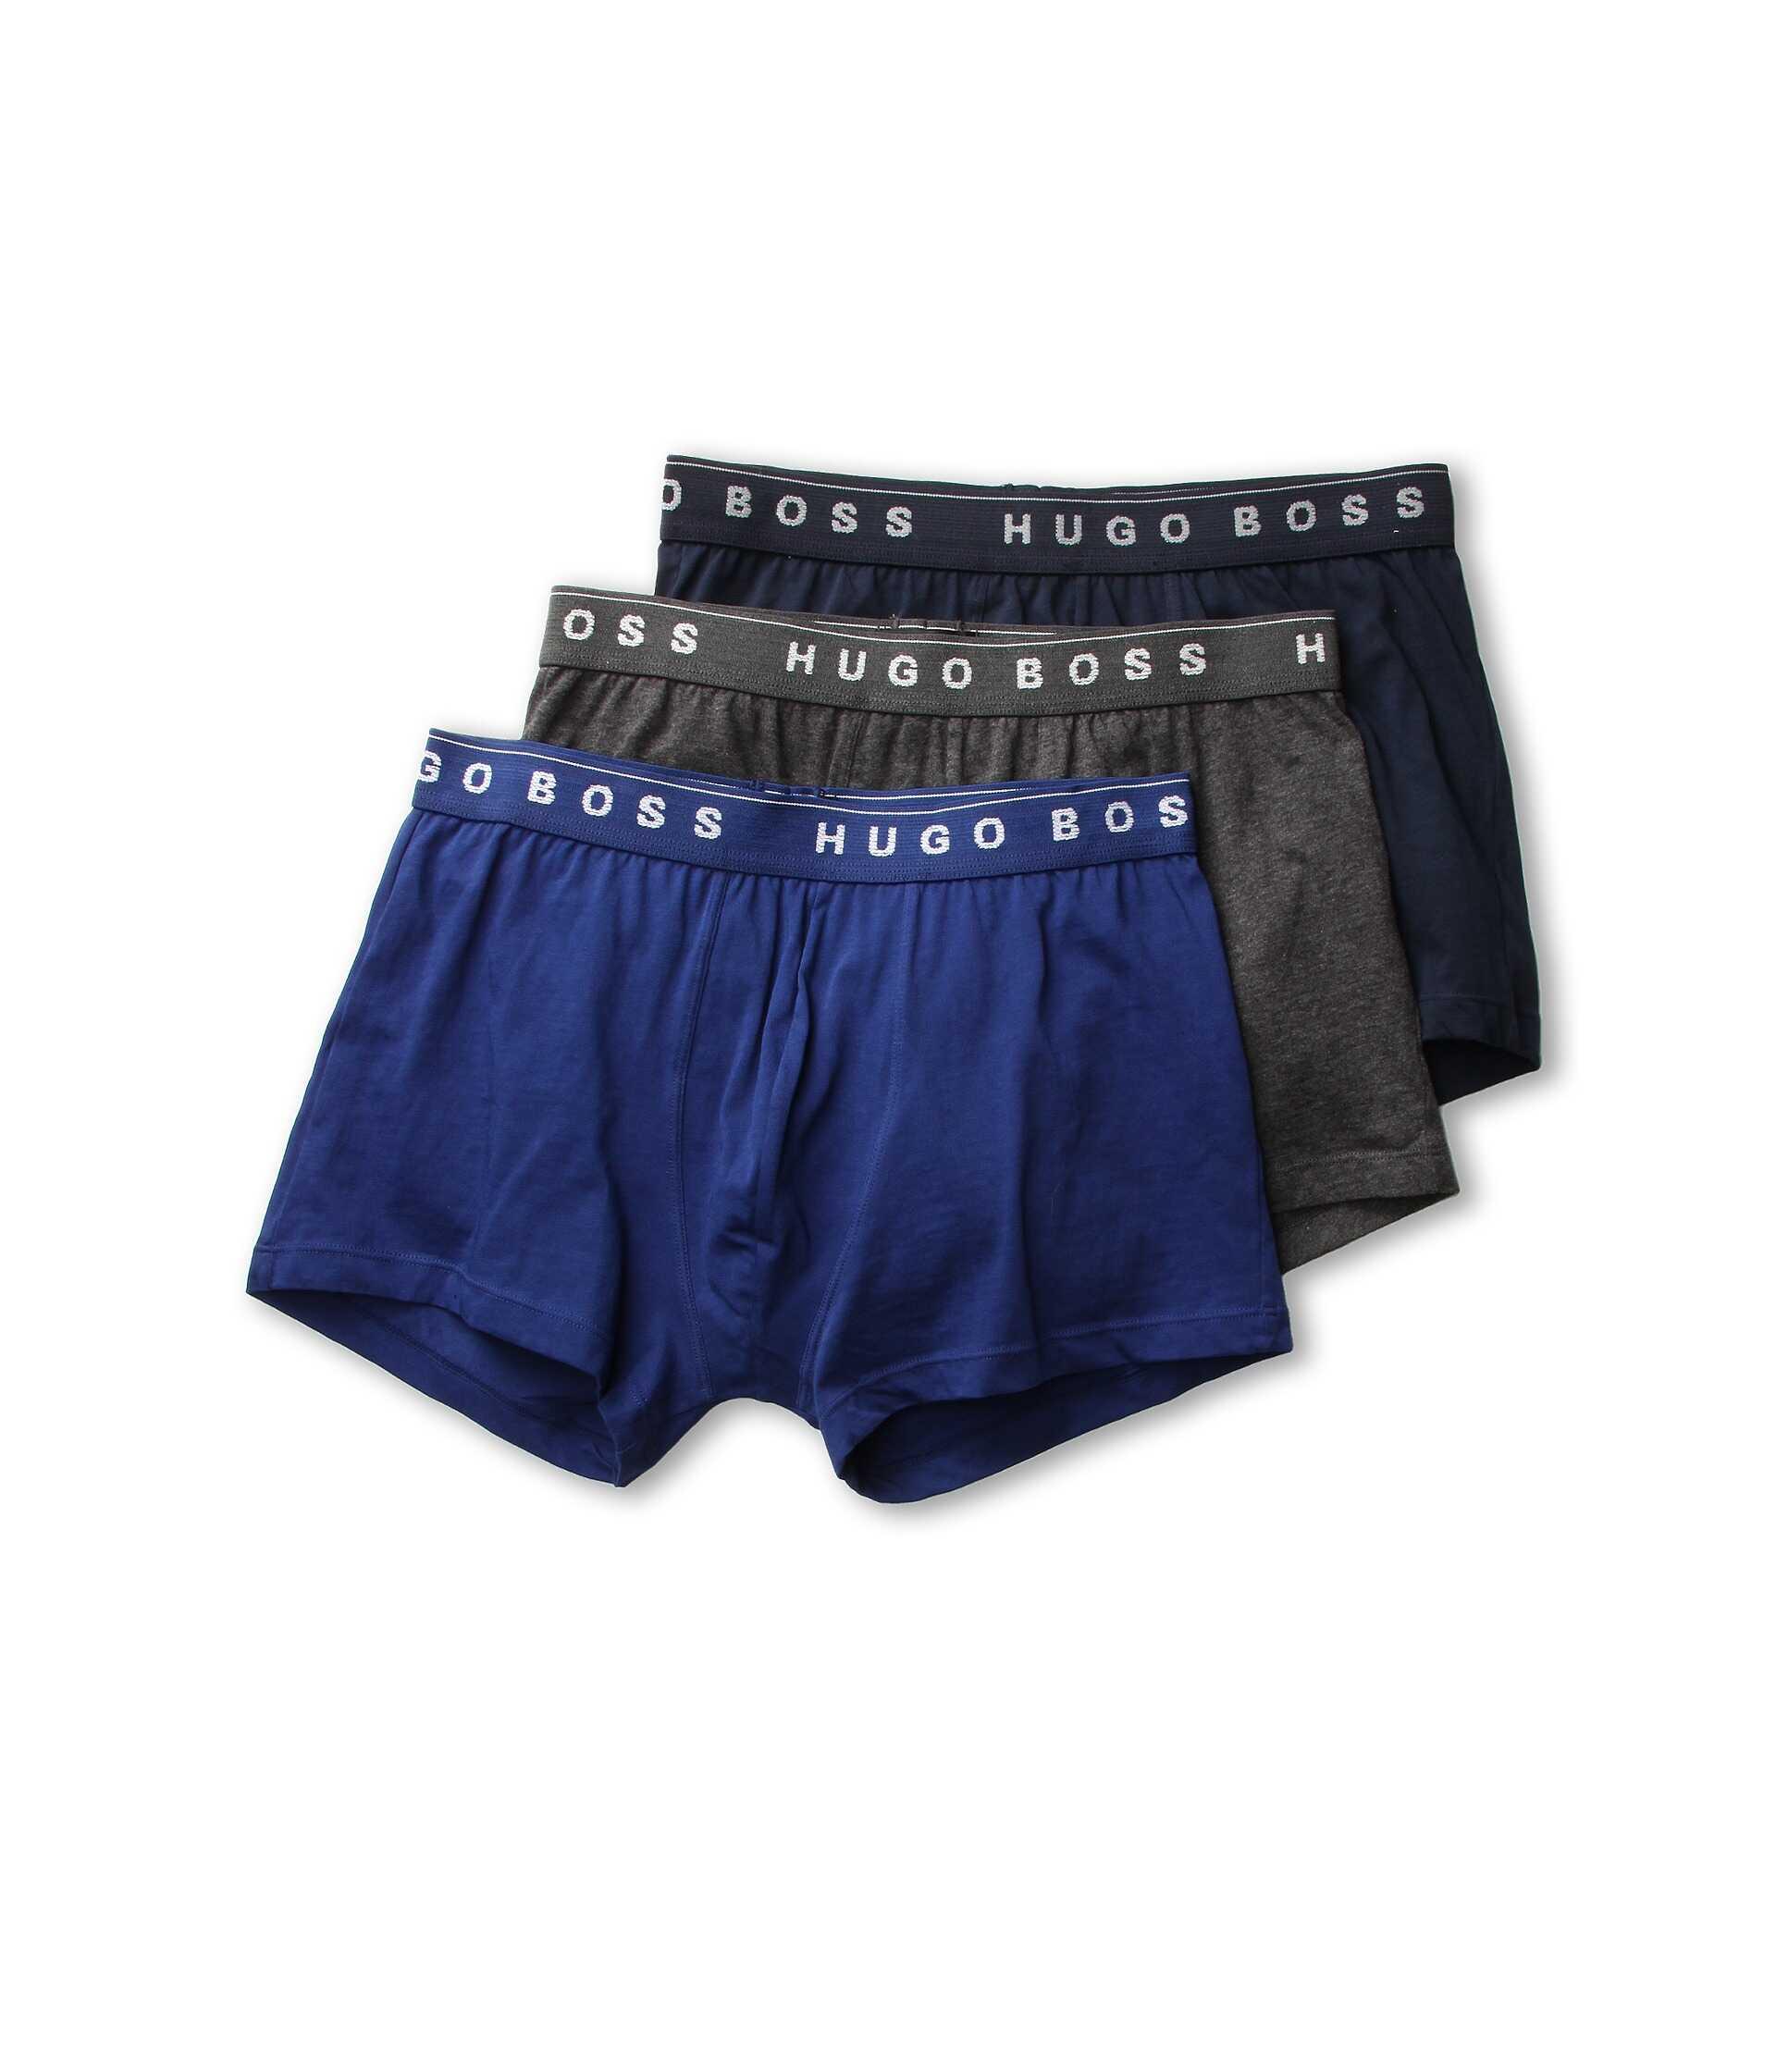 Boss Hugo Boss Boxer 3 Pack 50236732 Blue/navy/grey